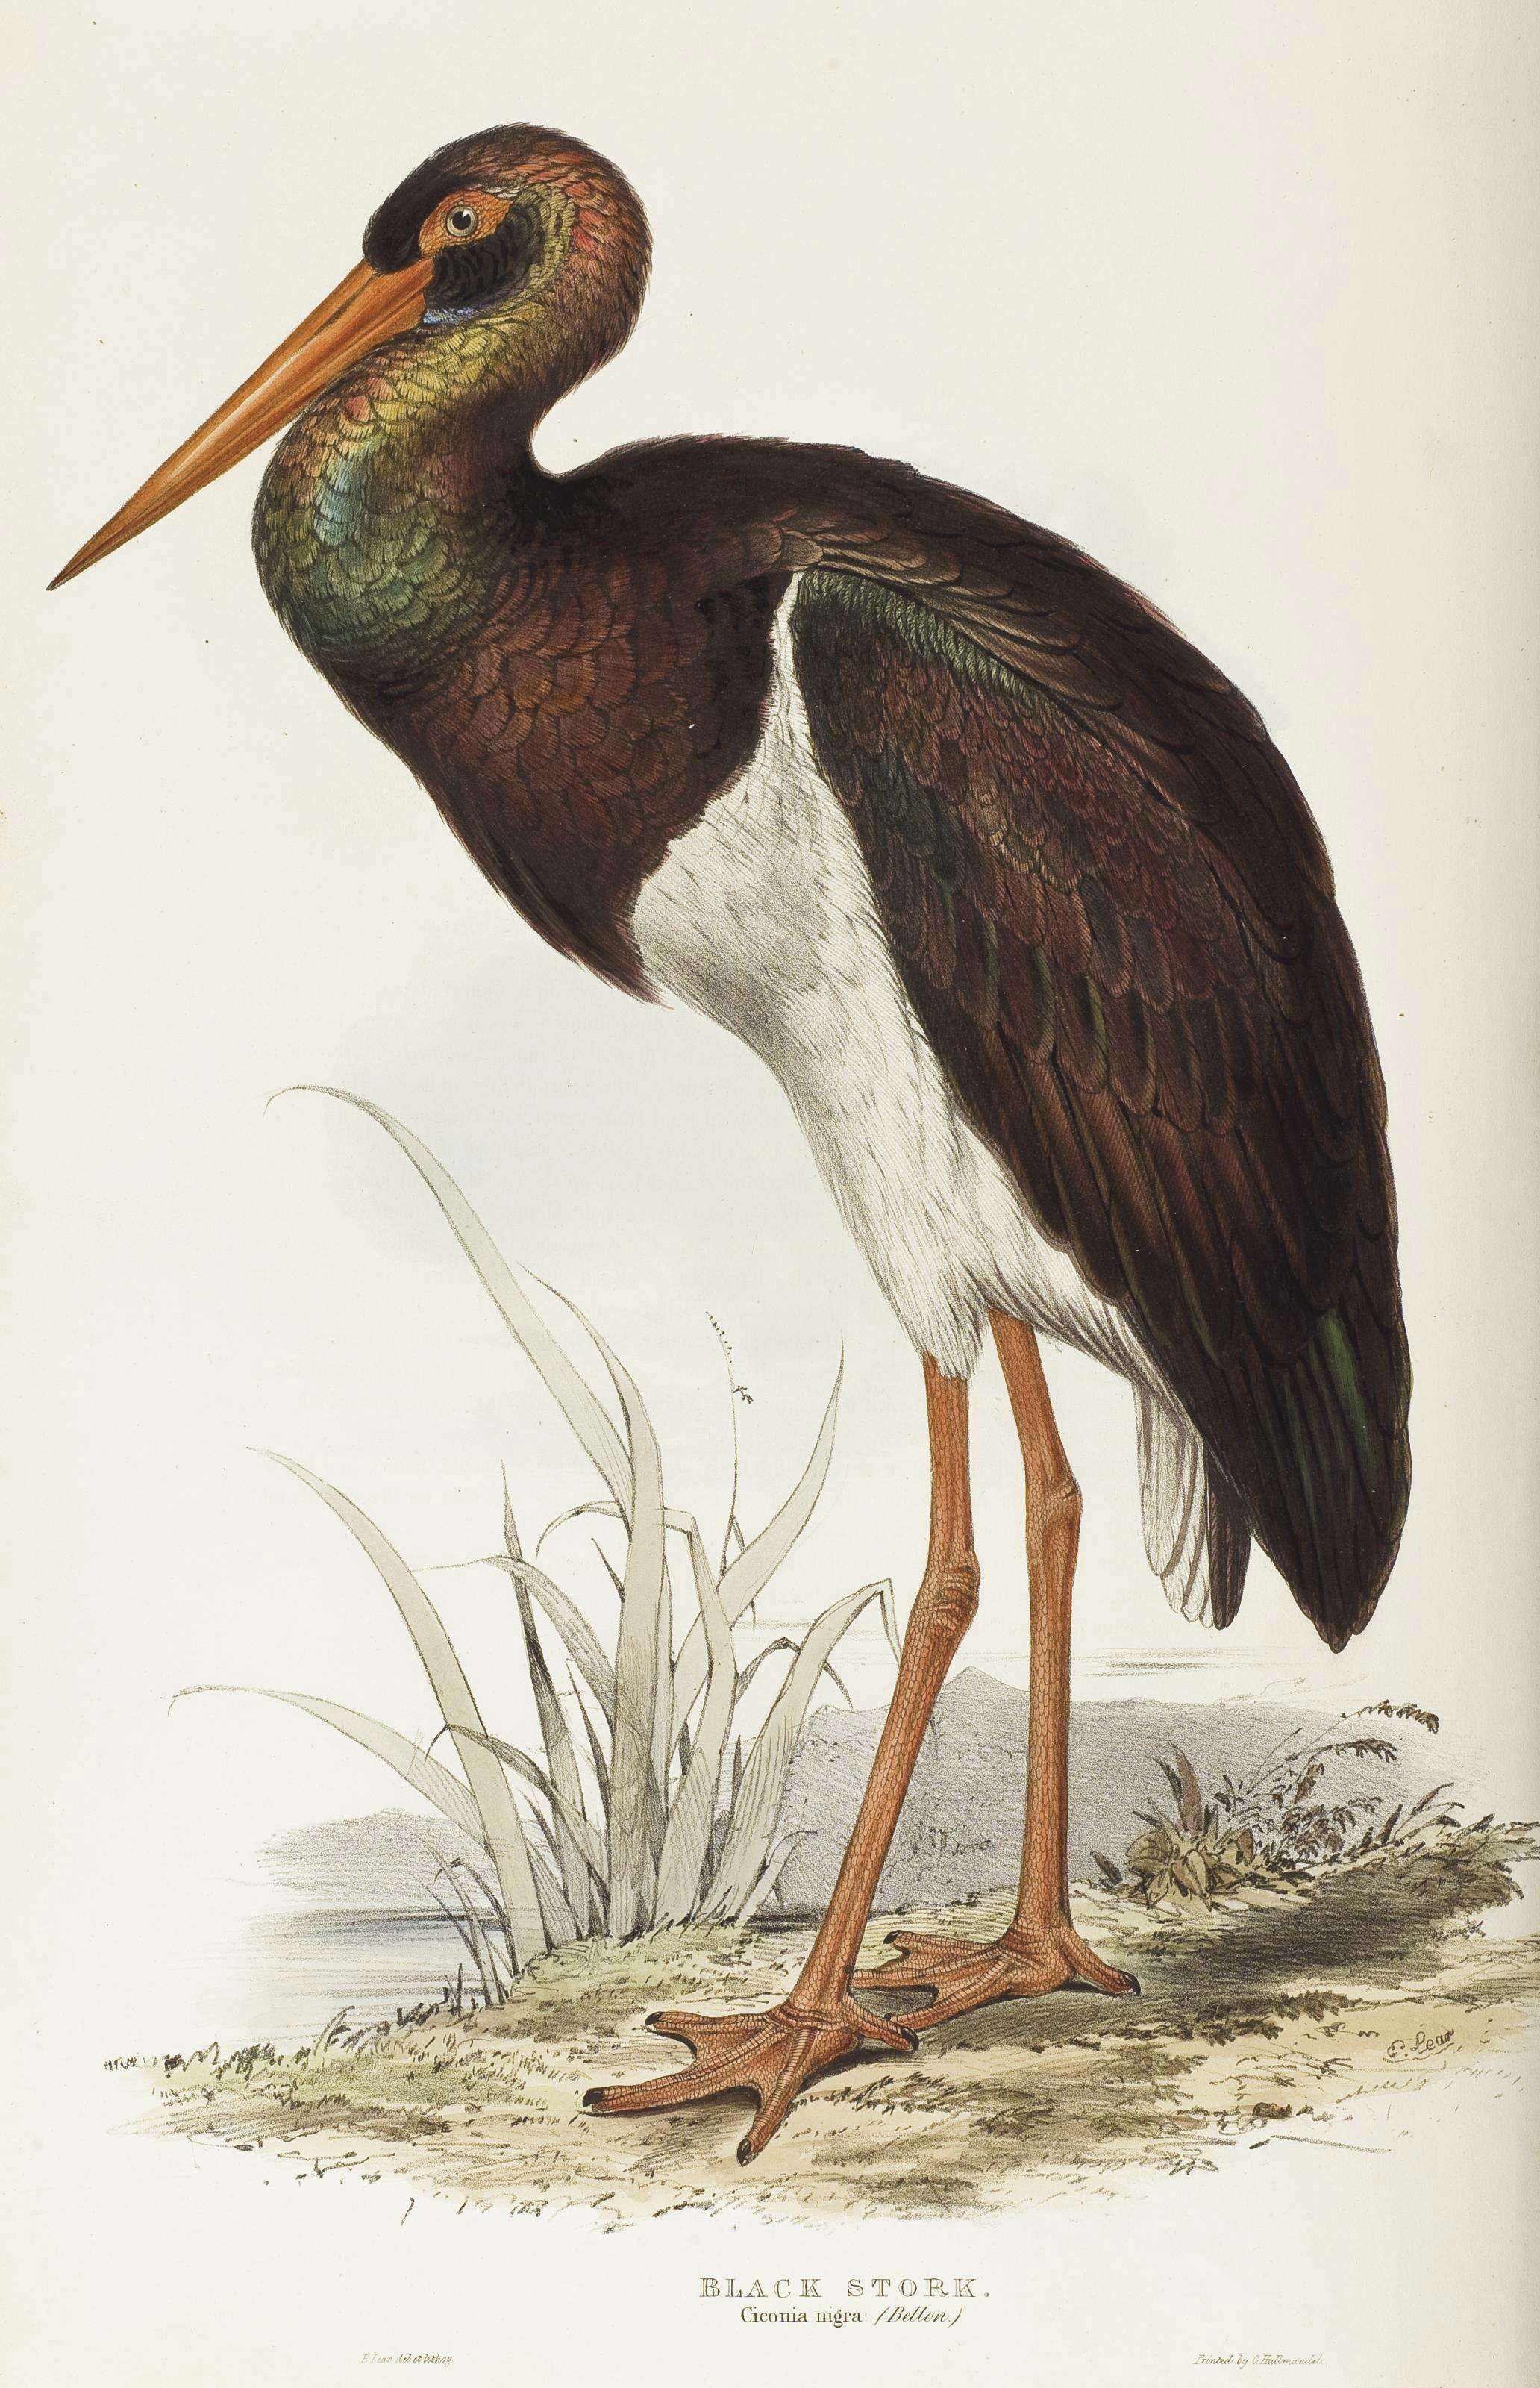 GOULD, John (1804-1881). The Birds of Europe. Londres: Richard et John Taylor pour l'auteur, [1832-] 1837.